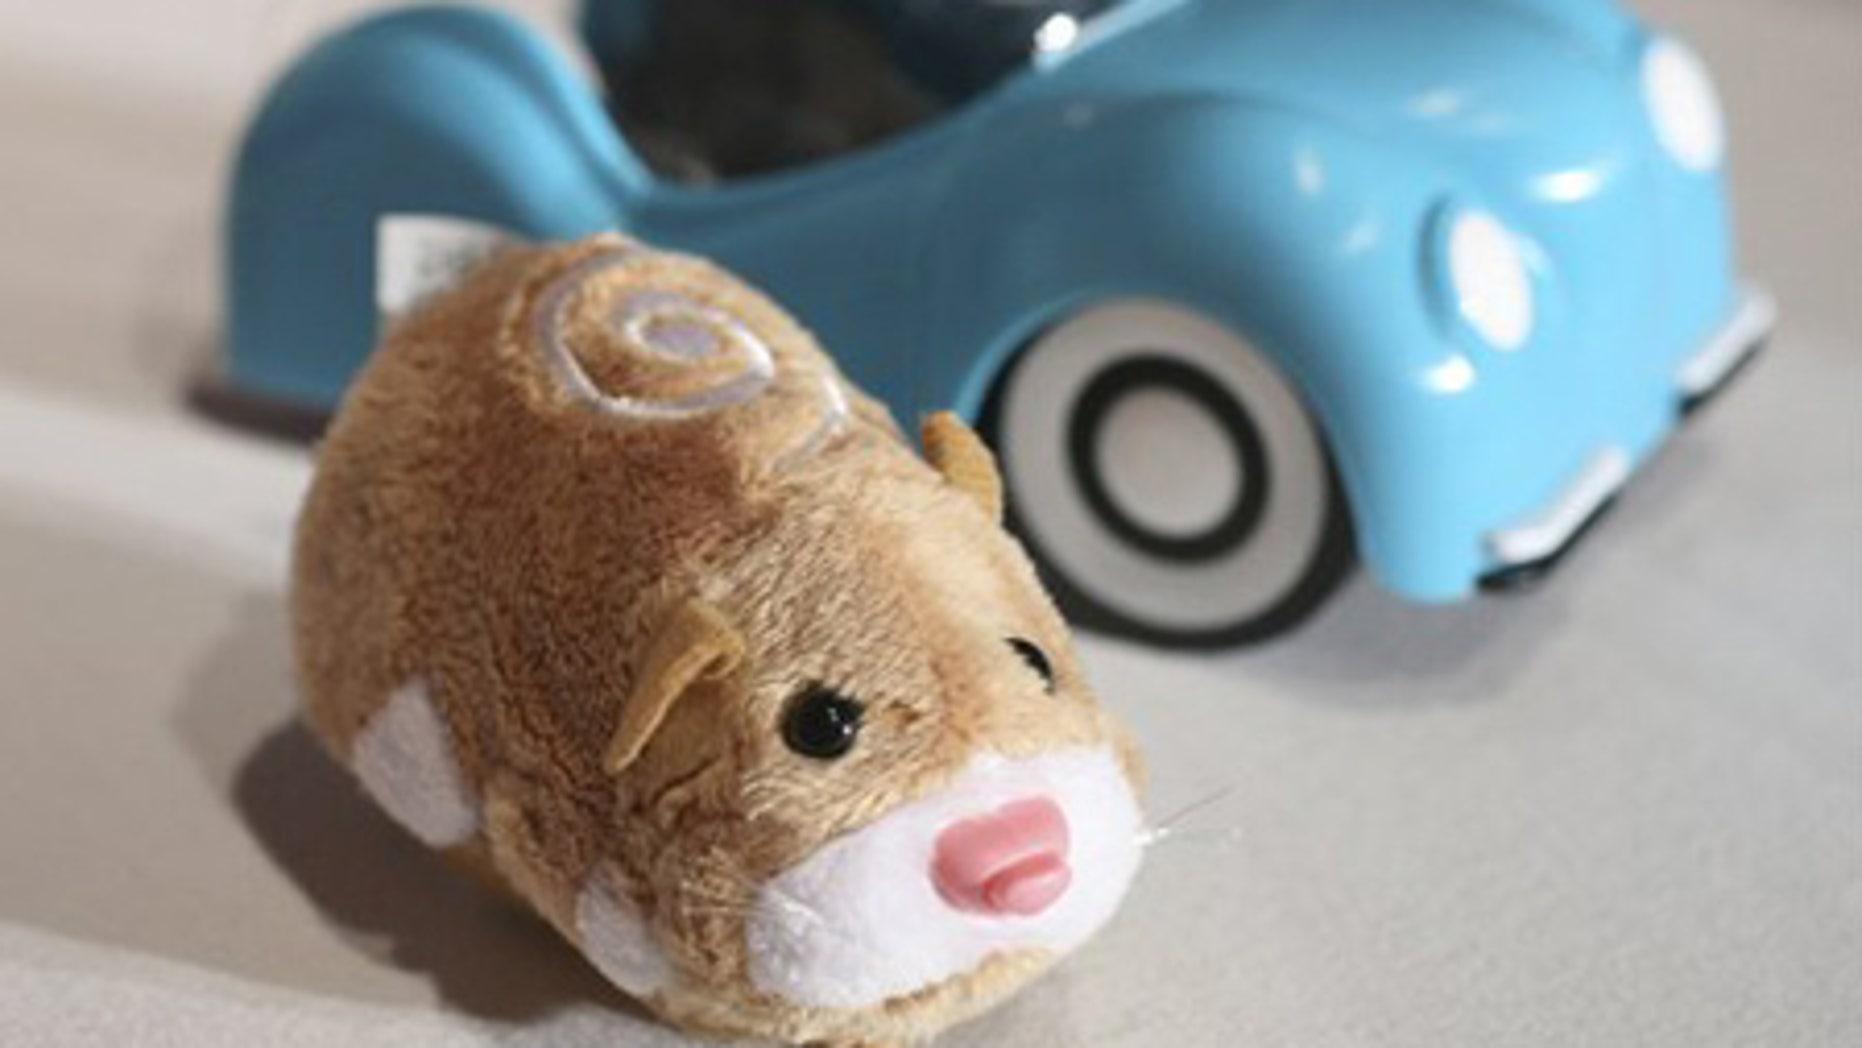 A hamster from Zhu Zhu Pets is seen.